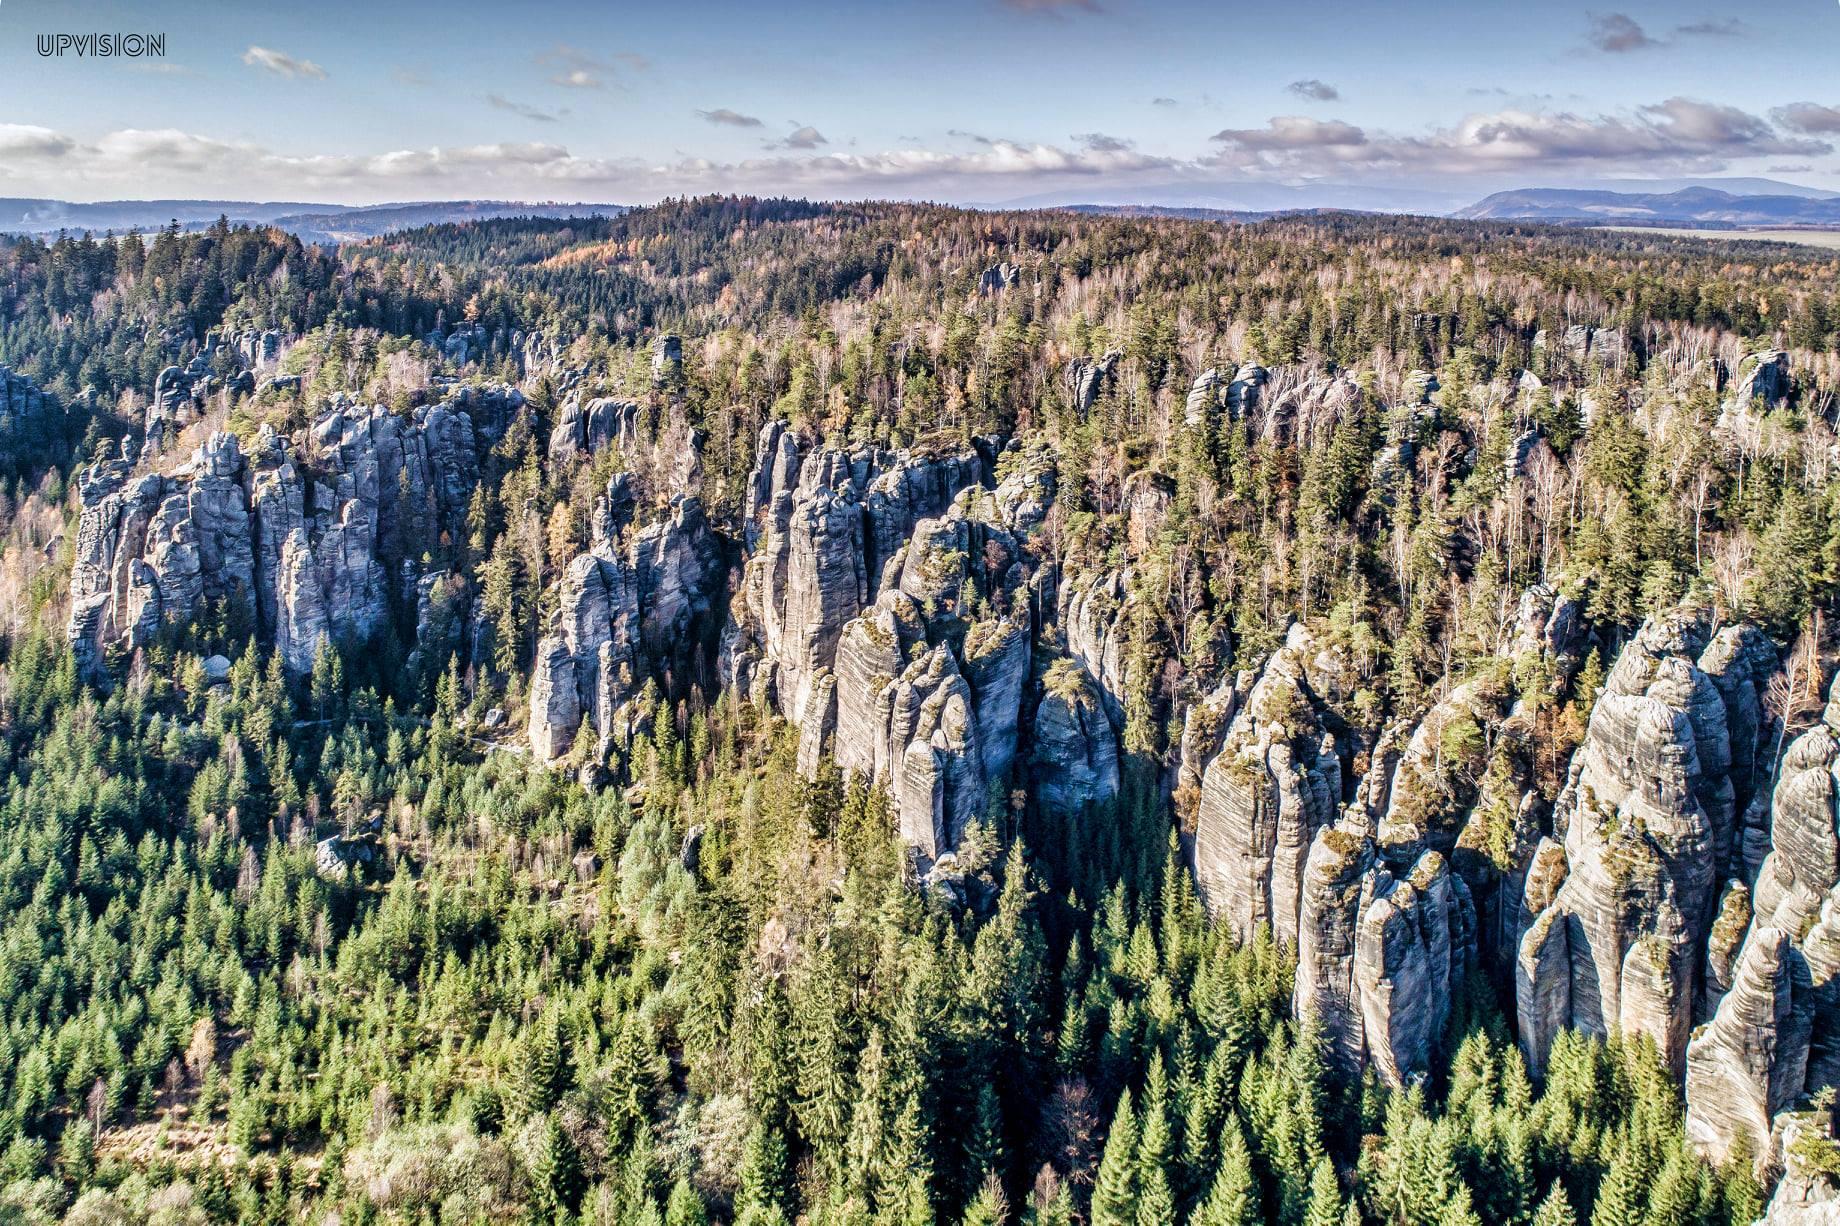 Létáme a skenujeme s Univerzitou Karlovou v Adršpašsko-teplických skalách